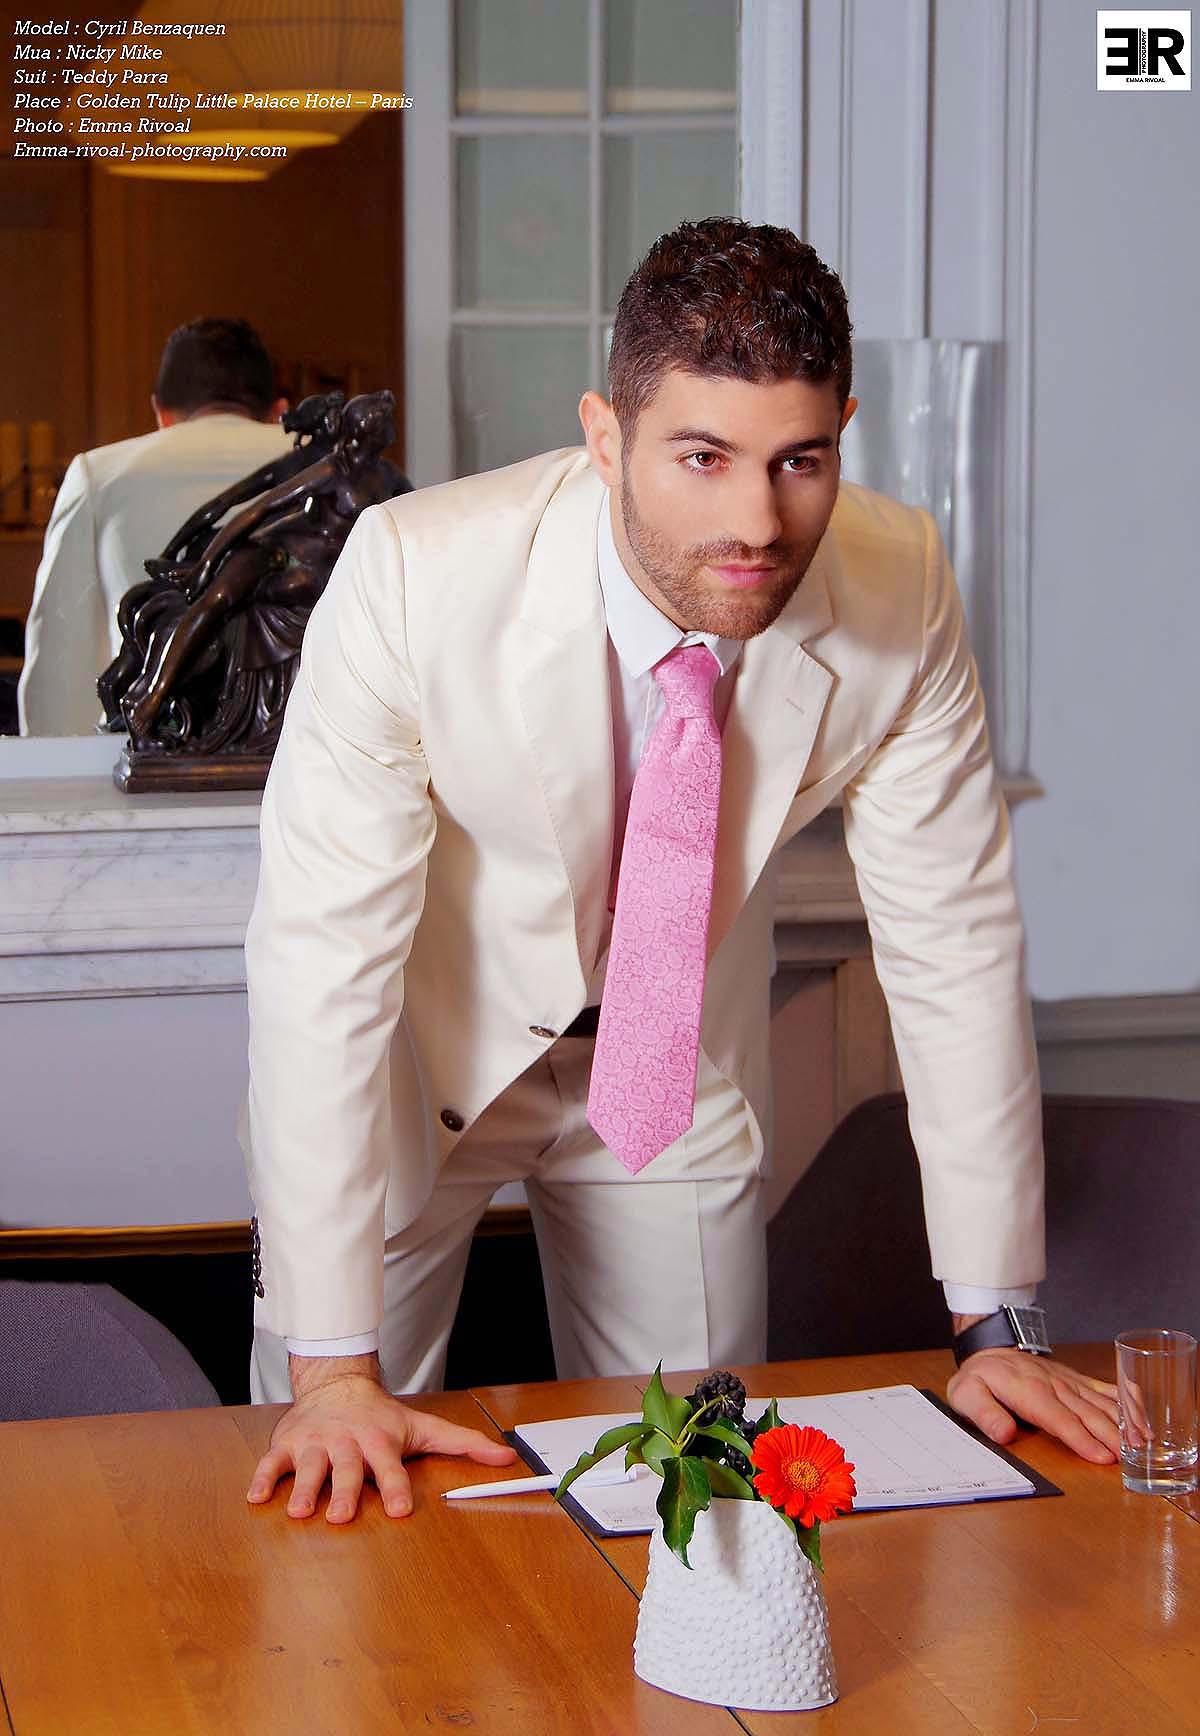 Costume mariage homme blanc et rose - fermeleycaut.fr d808a49a38e